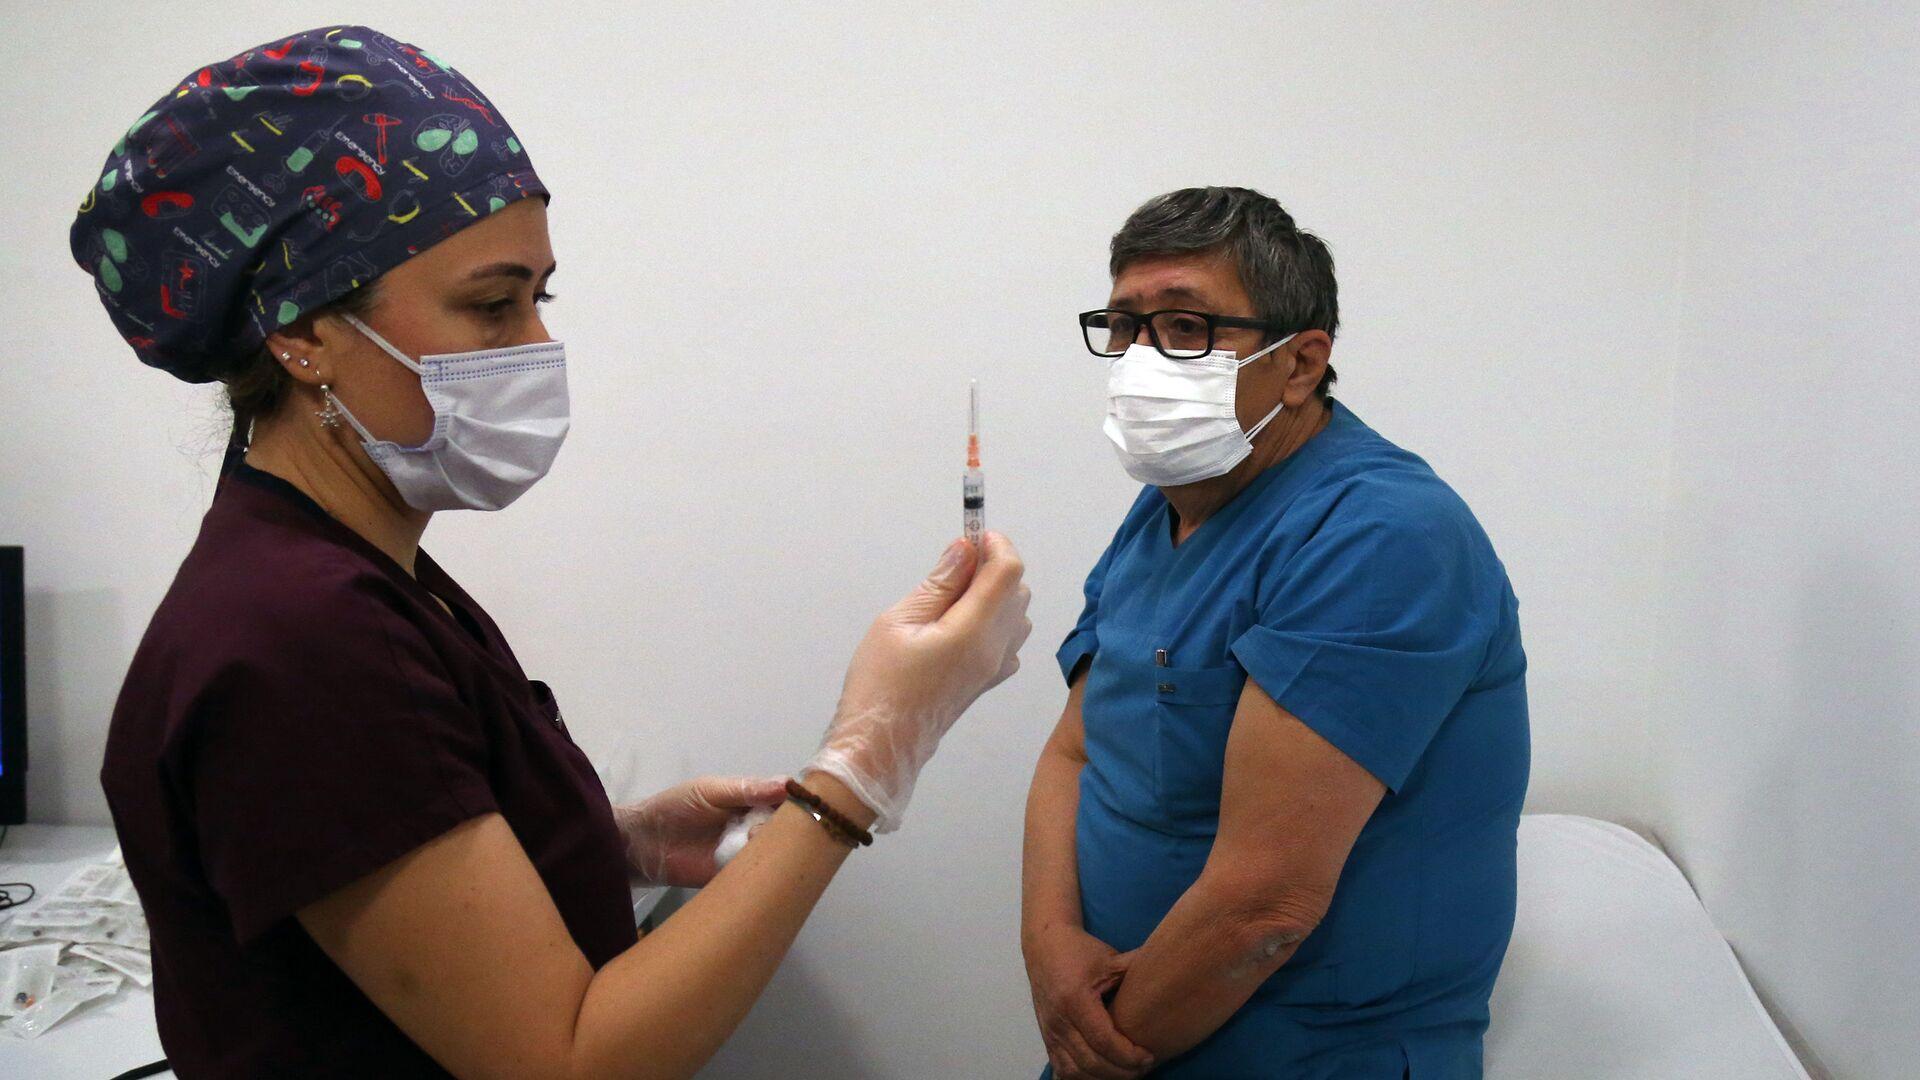 Iniezione del vaccino anti-Covid ad un'operatore sanitario, Turchia - Sputnik Italia, 1920, 24.06.2021